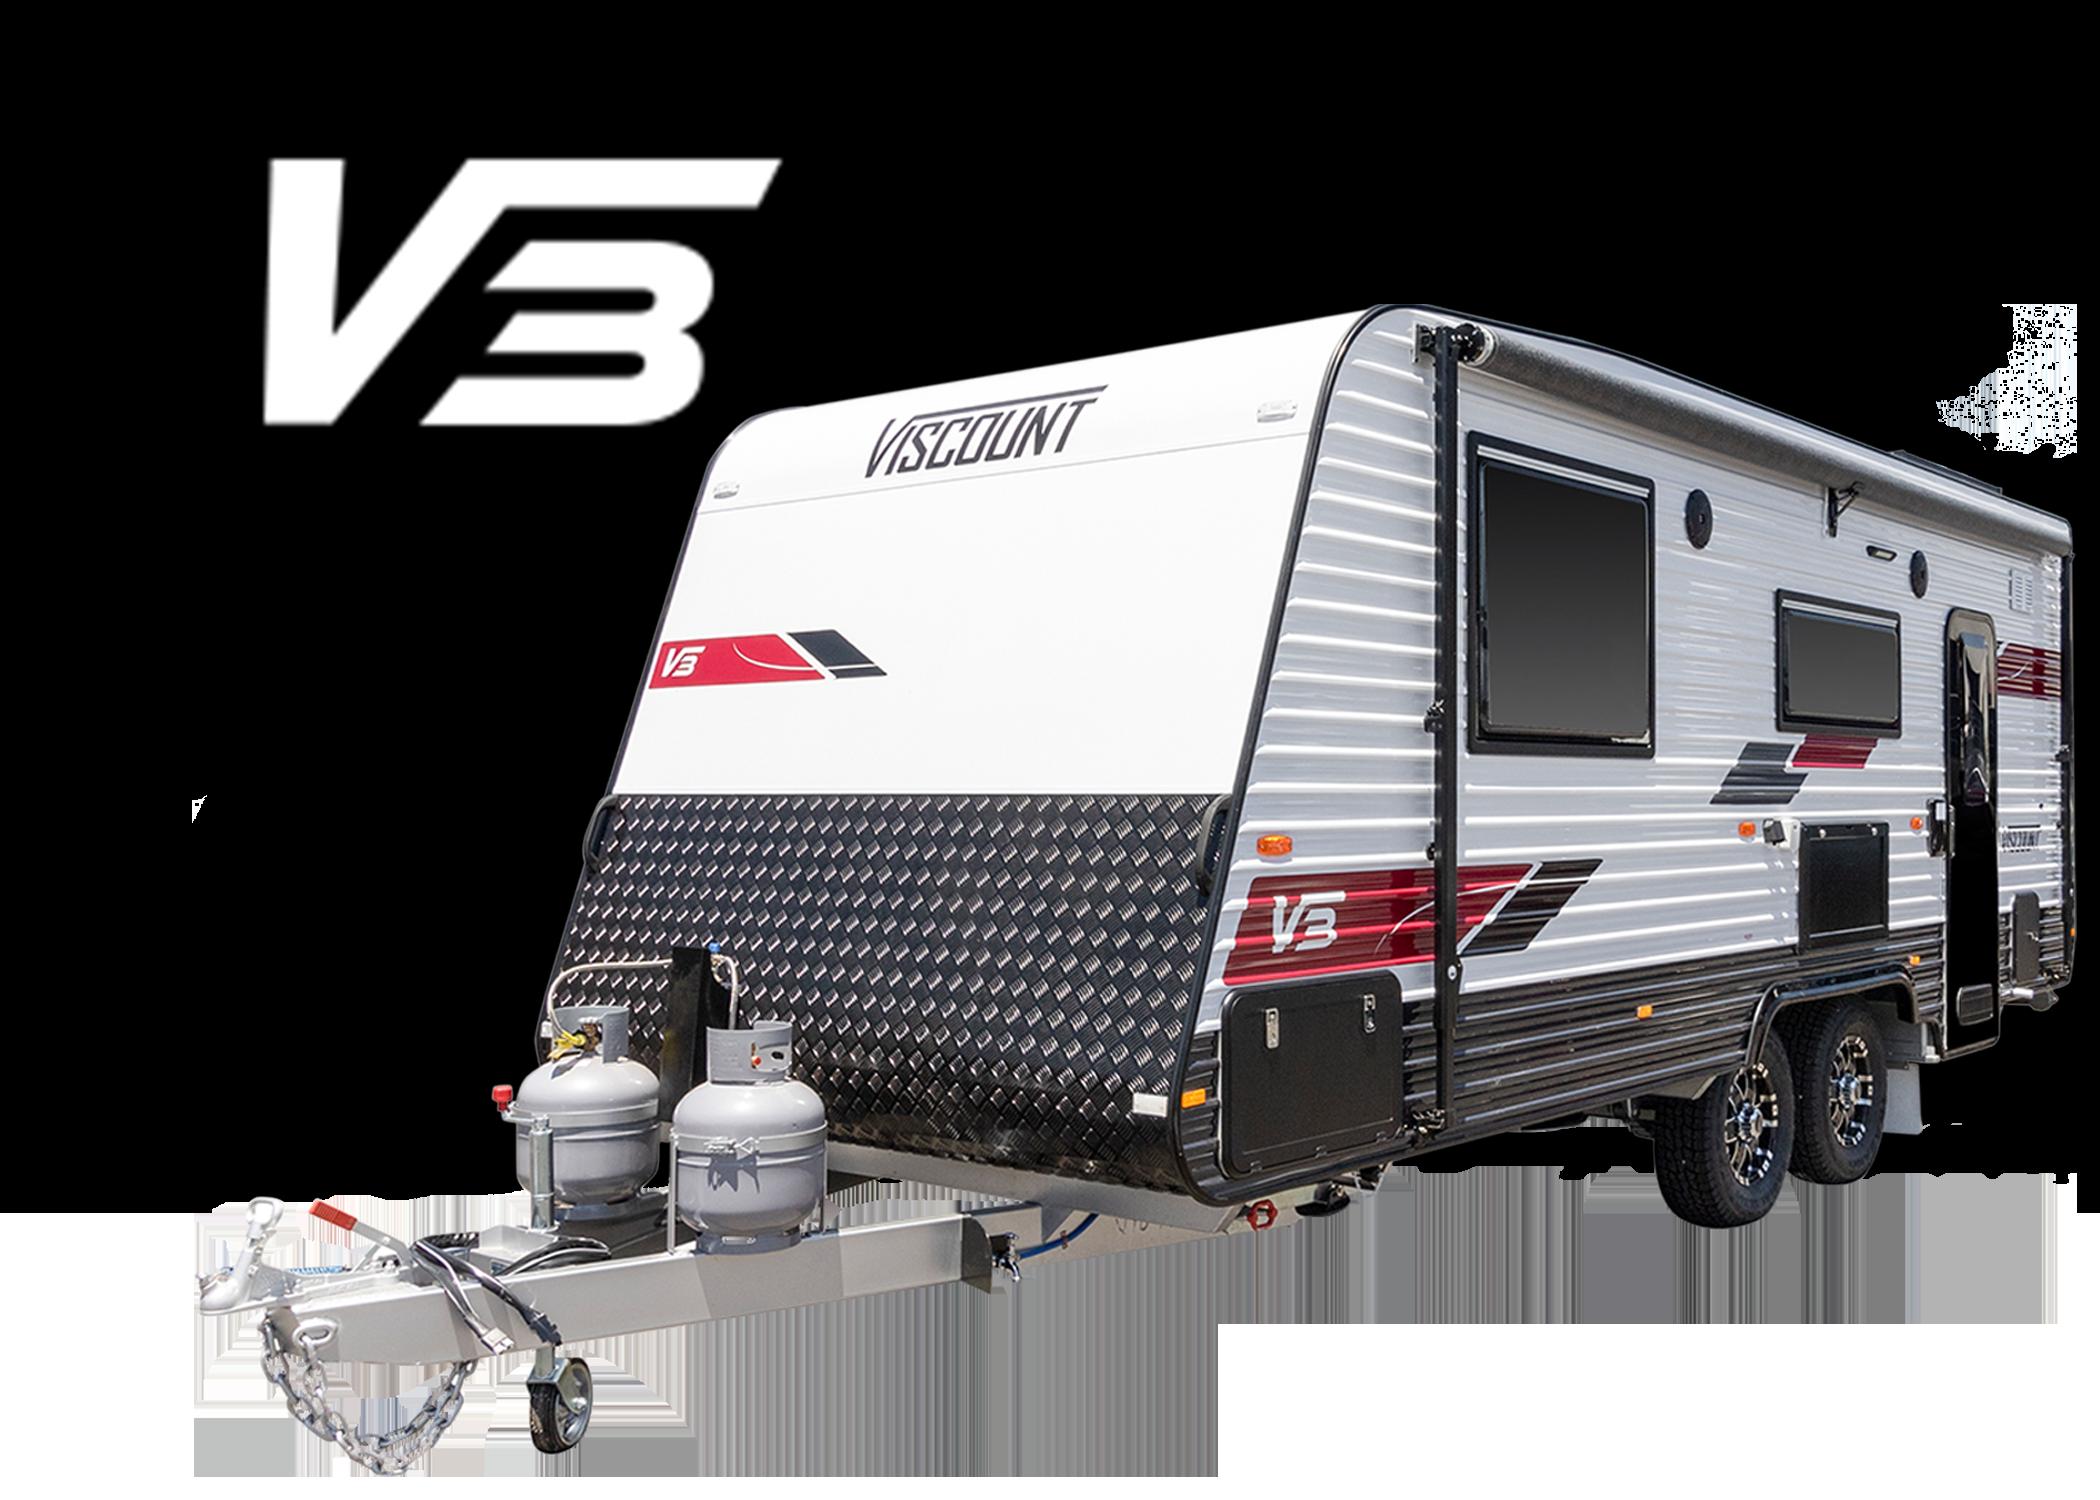 Viscount v3 Caravan